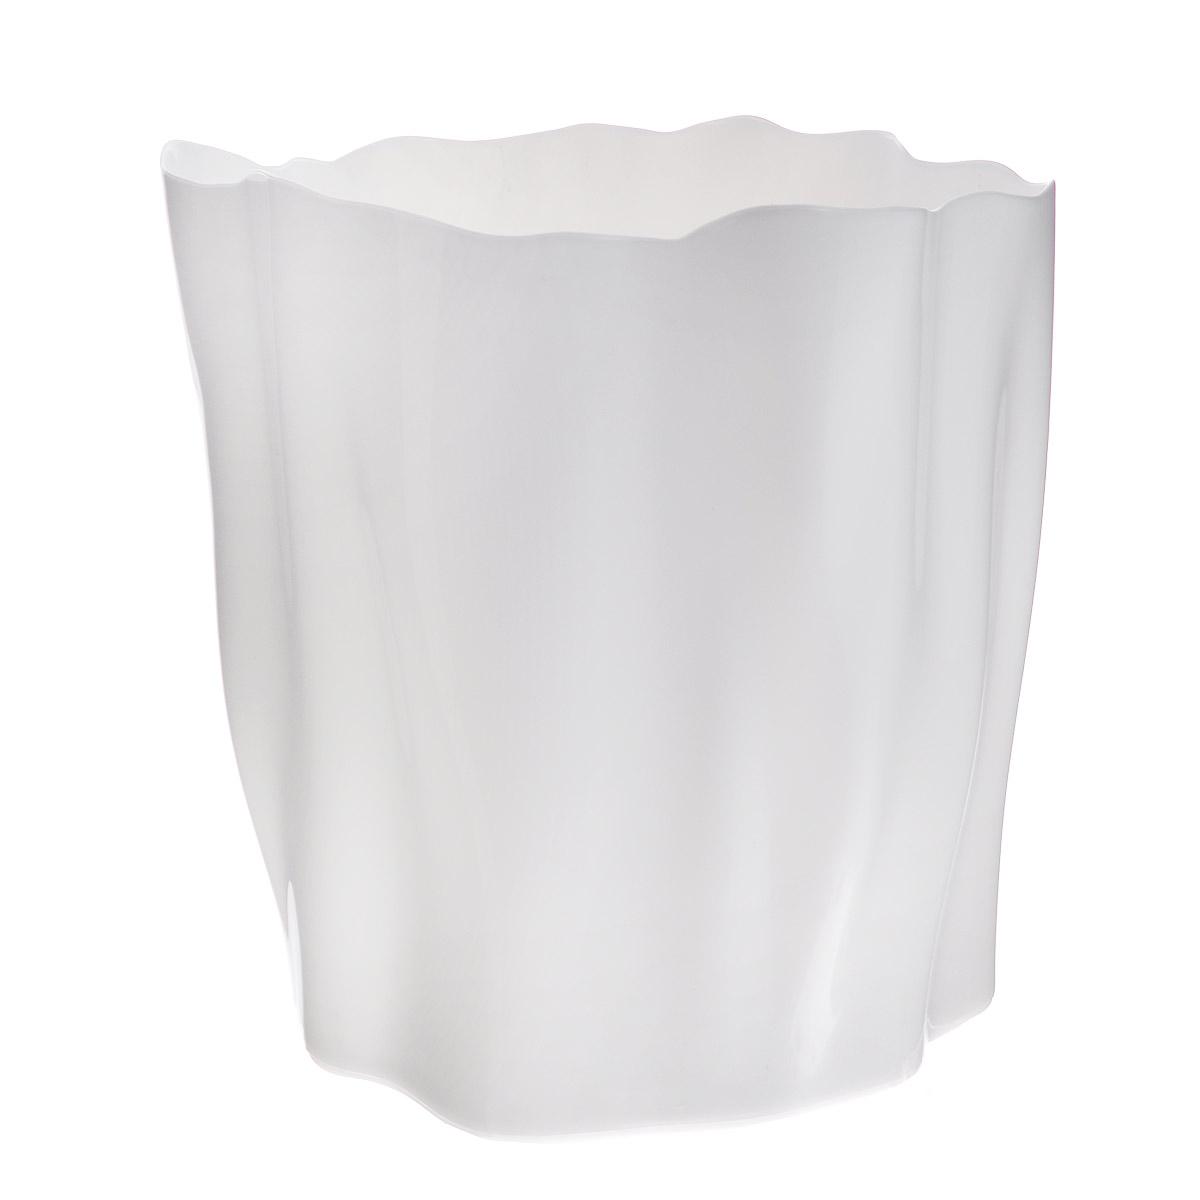 """Органайзер Qualy Flow, большой, цвет: белый, диаметр 27 смМЯ-14 homeОрганайзер Qualy """"Flow"""" может пригодиться на кухне, в ванной, в гостиной, на даче, на природе, в городе, в деревне. В него можно складывать фрукты, овощи, хлеб, кухонные приборы и аксессуары, всевозможные баночки, можно использовать органайзер как мусорную корзину, вазу. Все зависит от вашей фантазии и от хозяйственных потребностей! Пластиковый оригинальный органайзер пригодится везде!Диаметр: 27 см.Высота стенки: 28 см."""